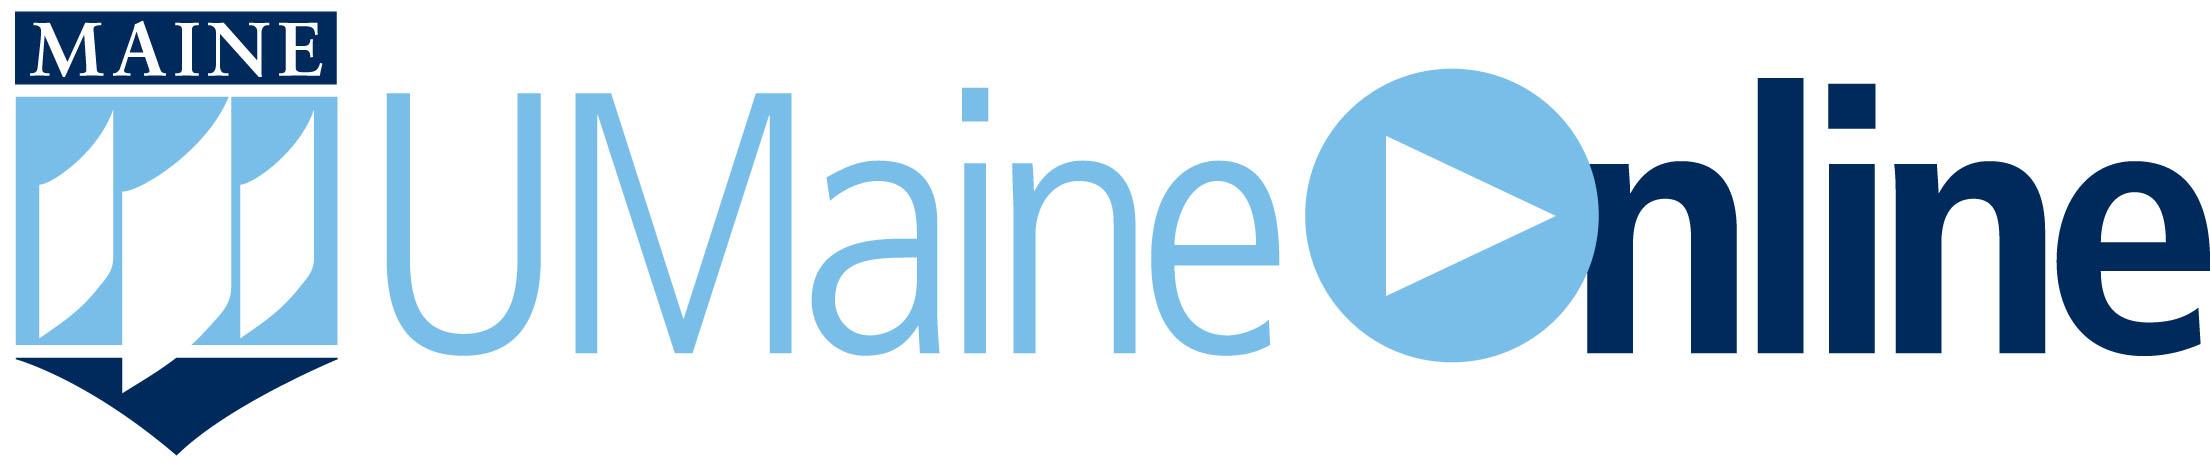 UMaineOnline horizontal logo